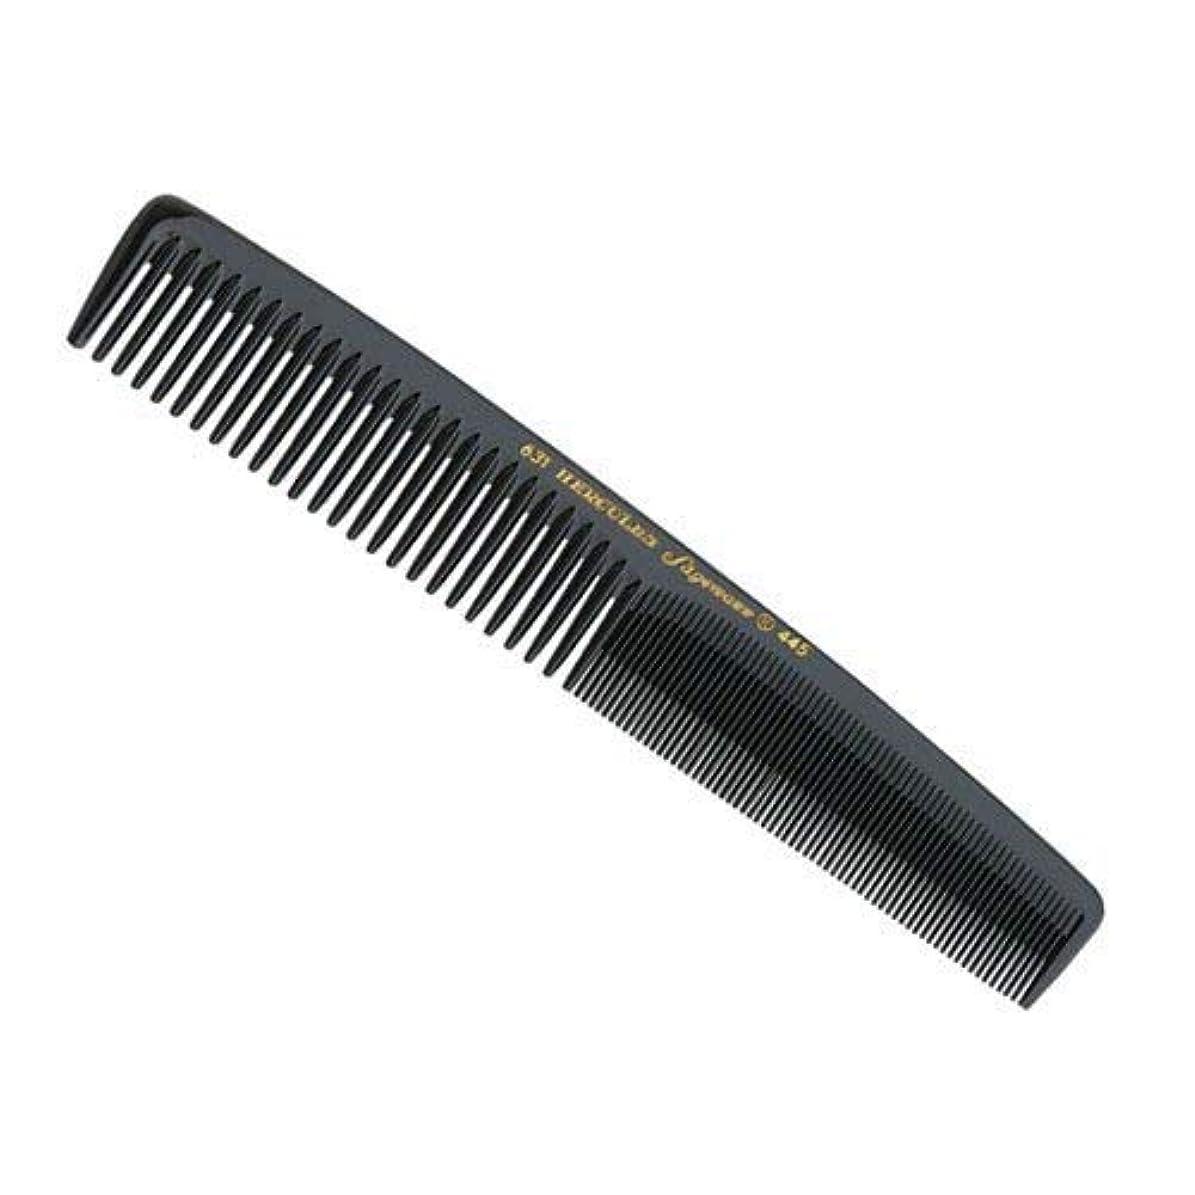 麻痺させる定刻スパイHercules Sagemann Medium Waver Ladies Hair Comb, Length-17.8 cm [並行輸入品]